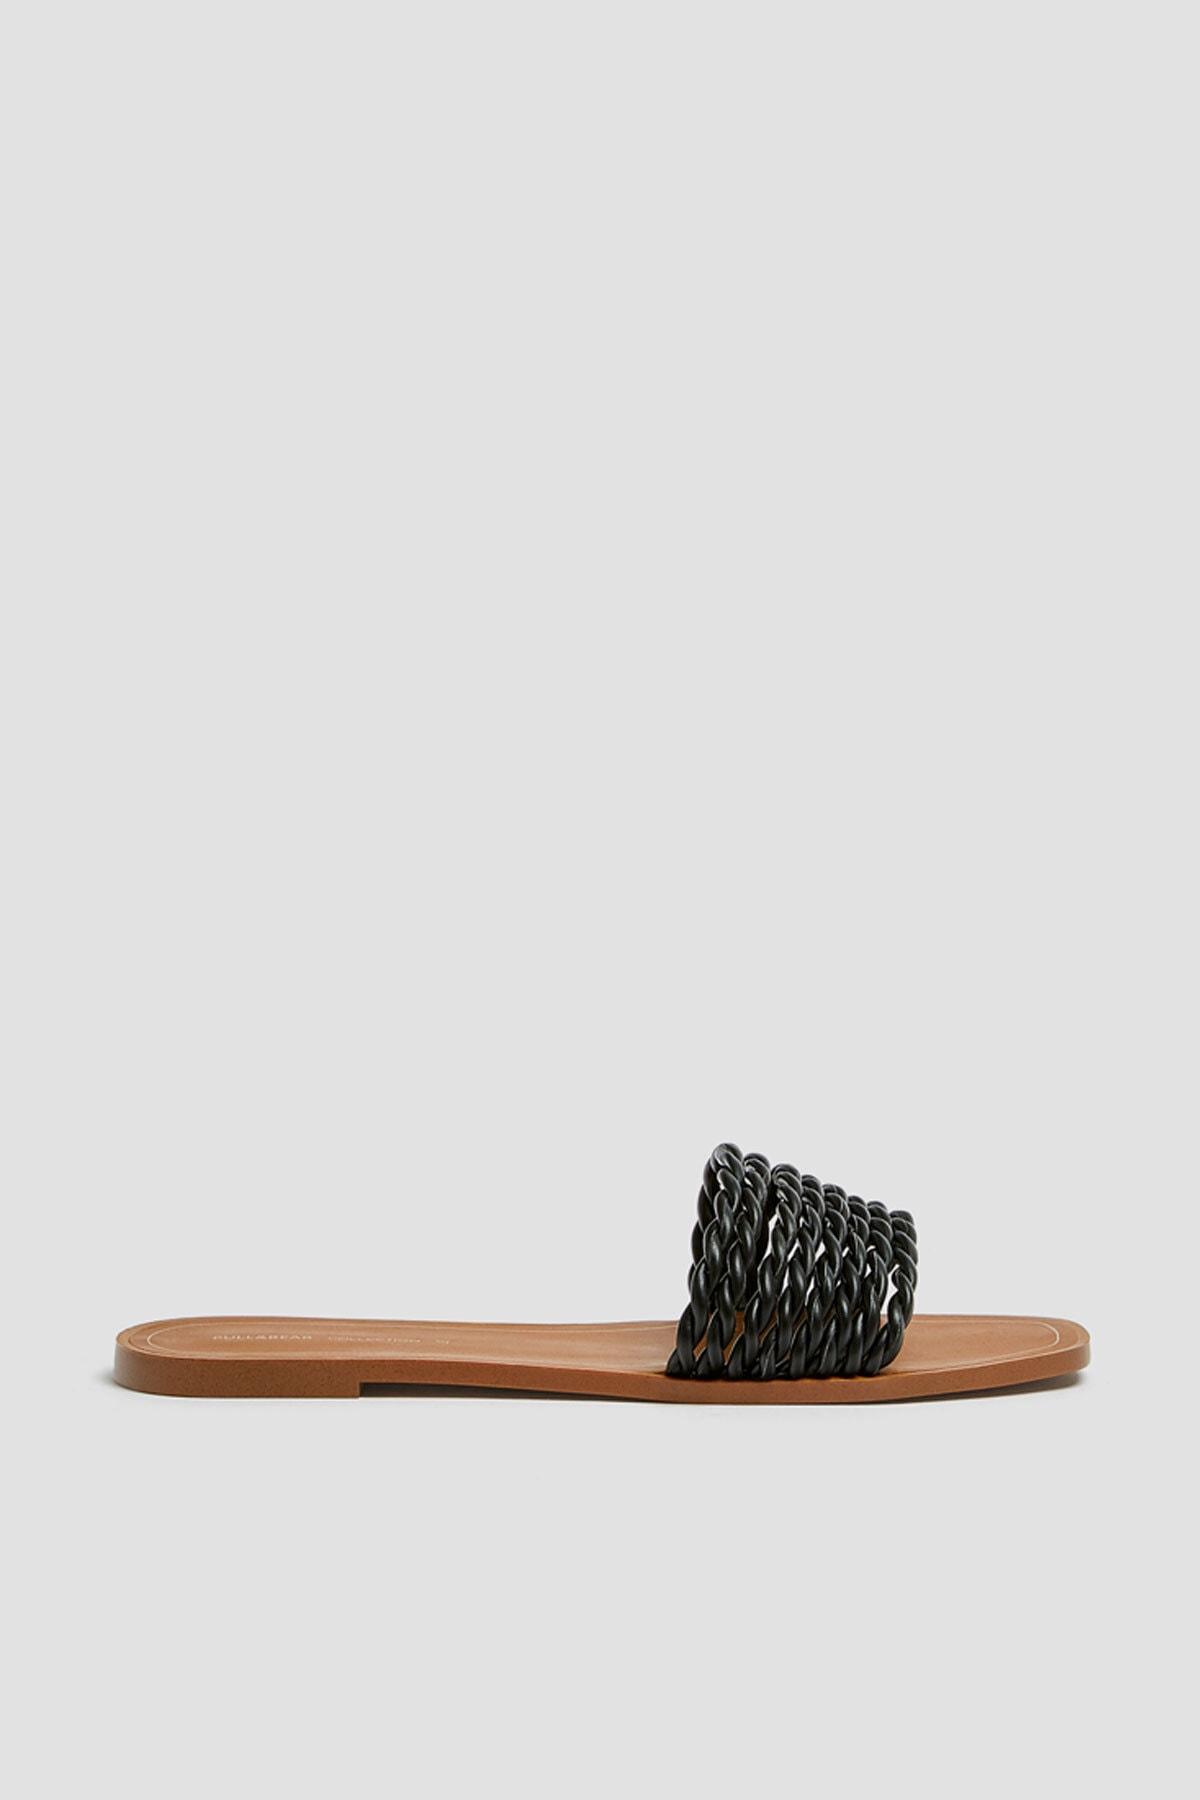 Pull & Bear Kadın Siyah Örgü Bantlı Siyah Sandalet 11557540 0